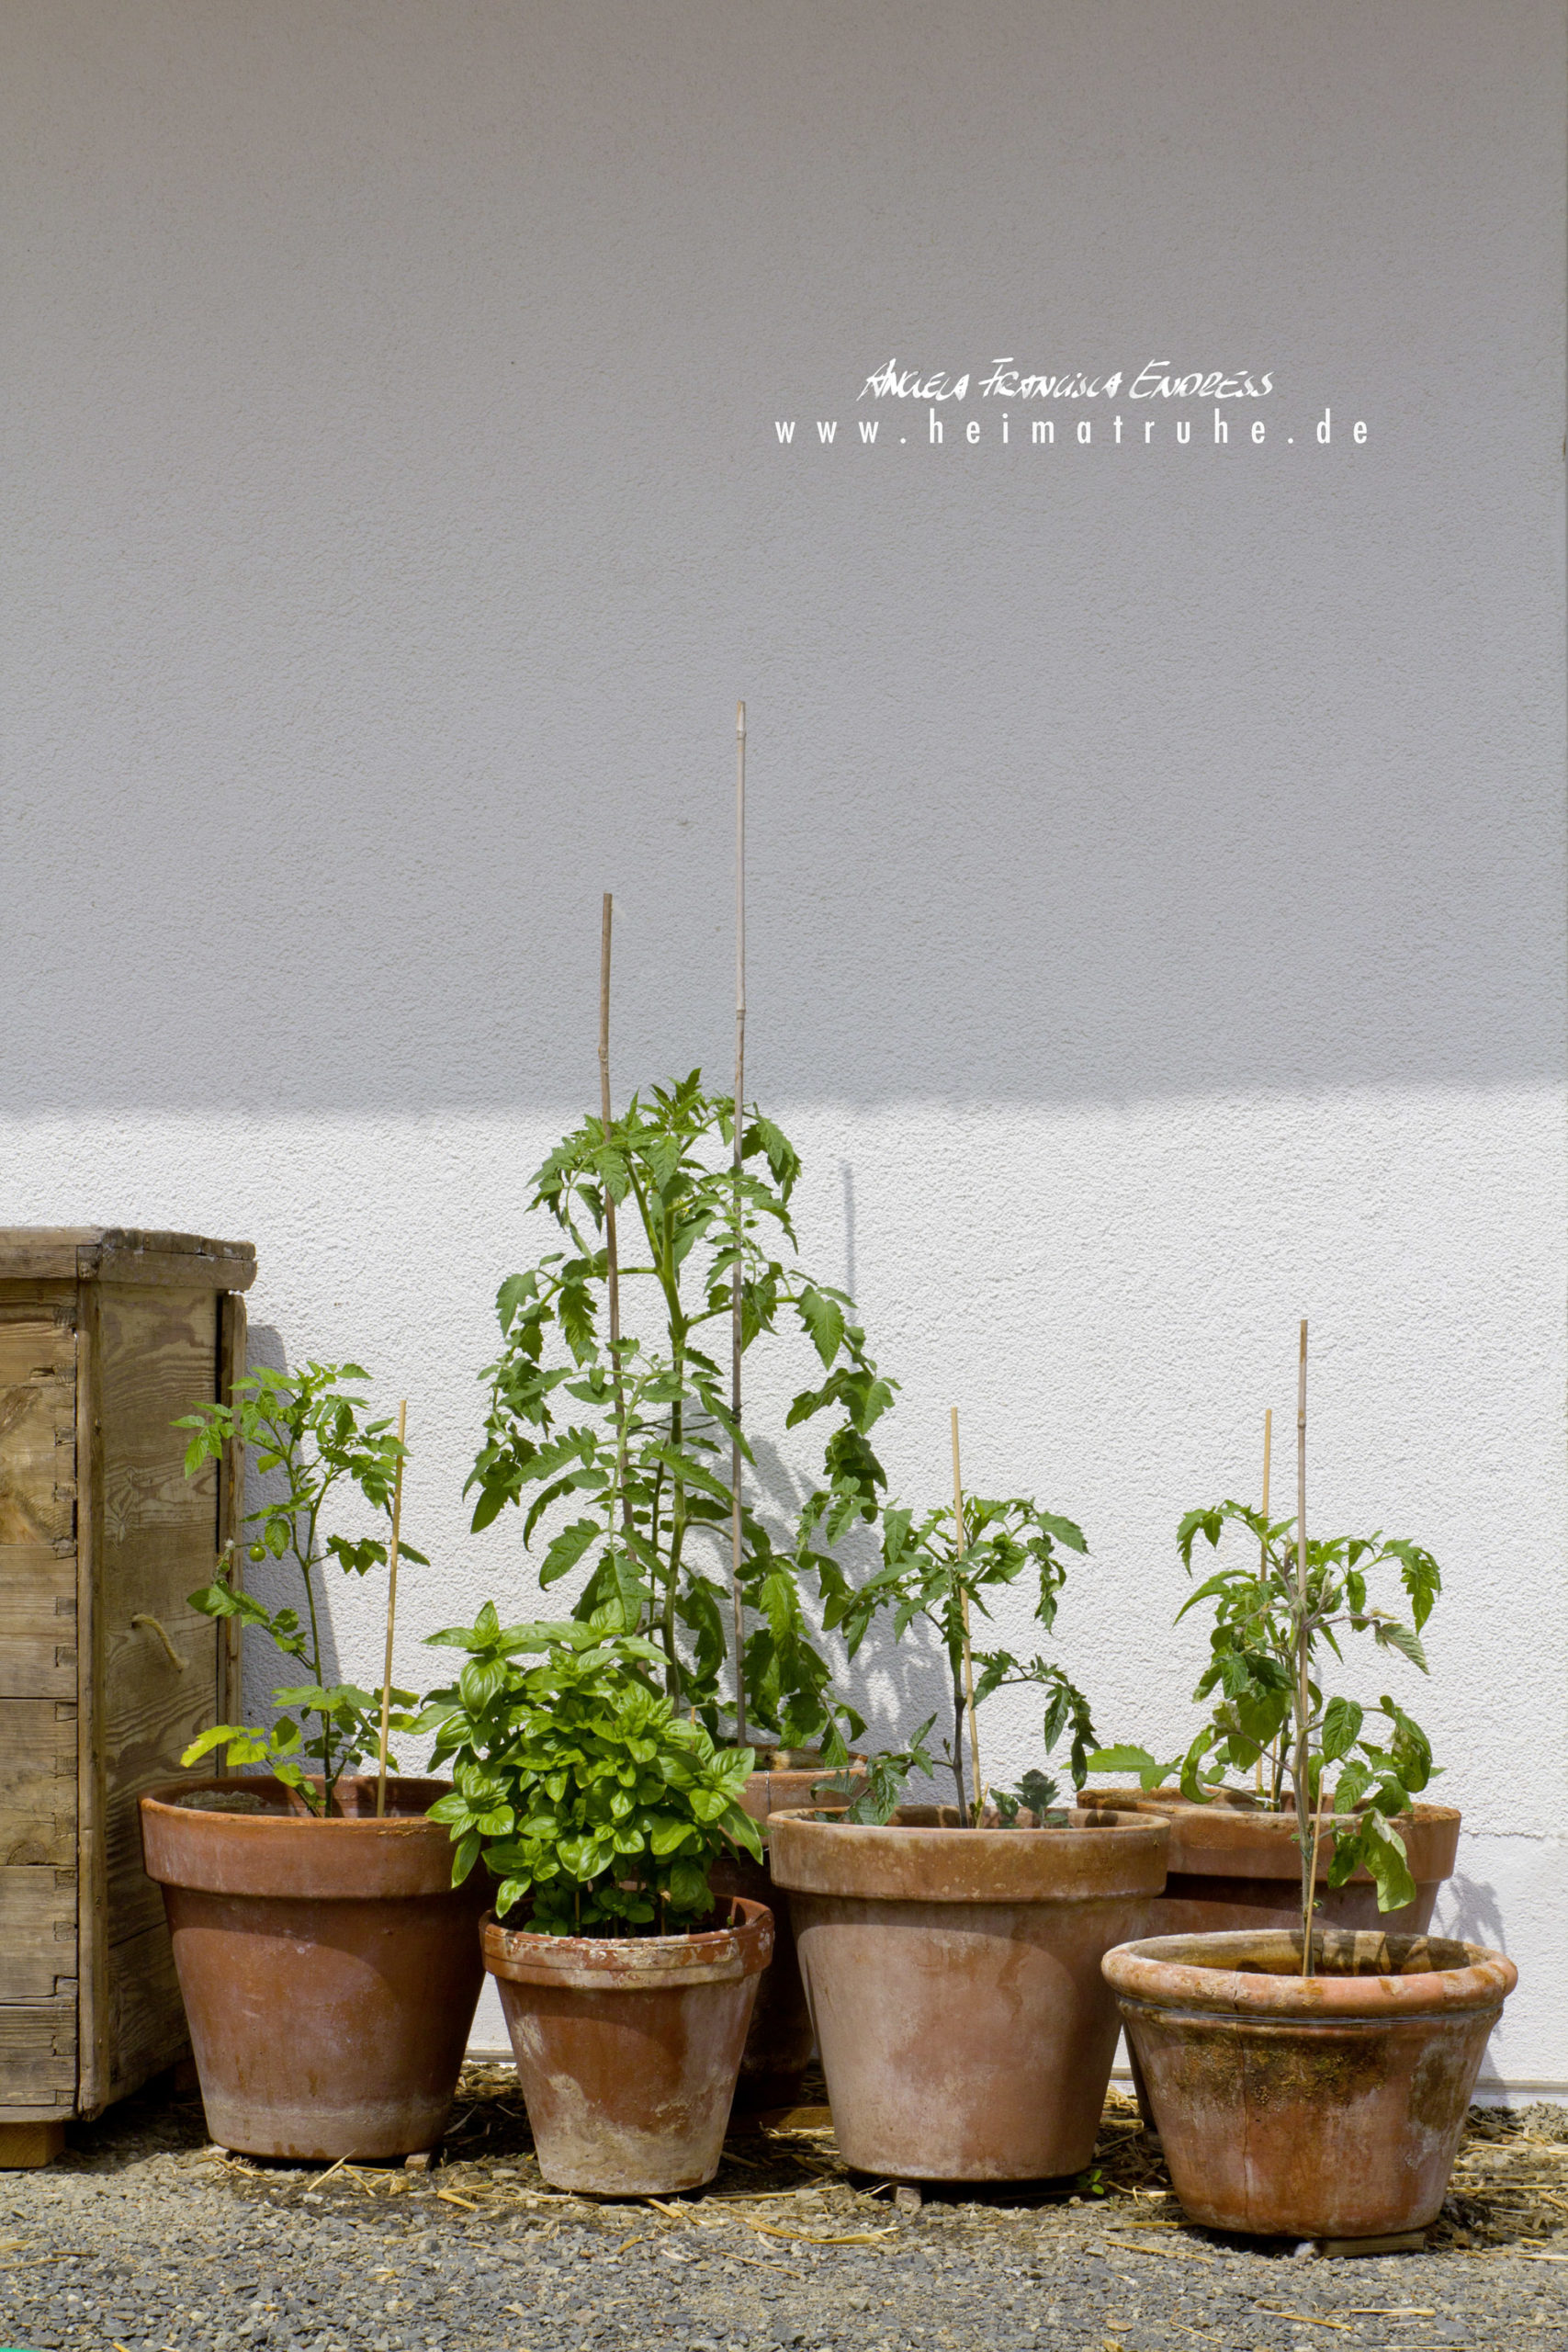 Tomatenpflanzen in Töpfen vor Zauswand